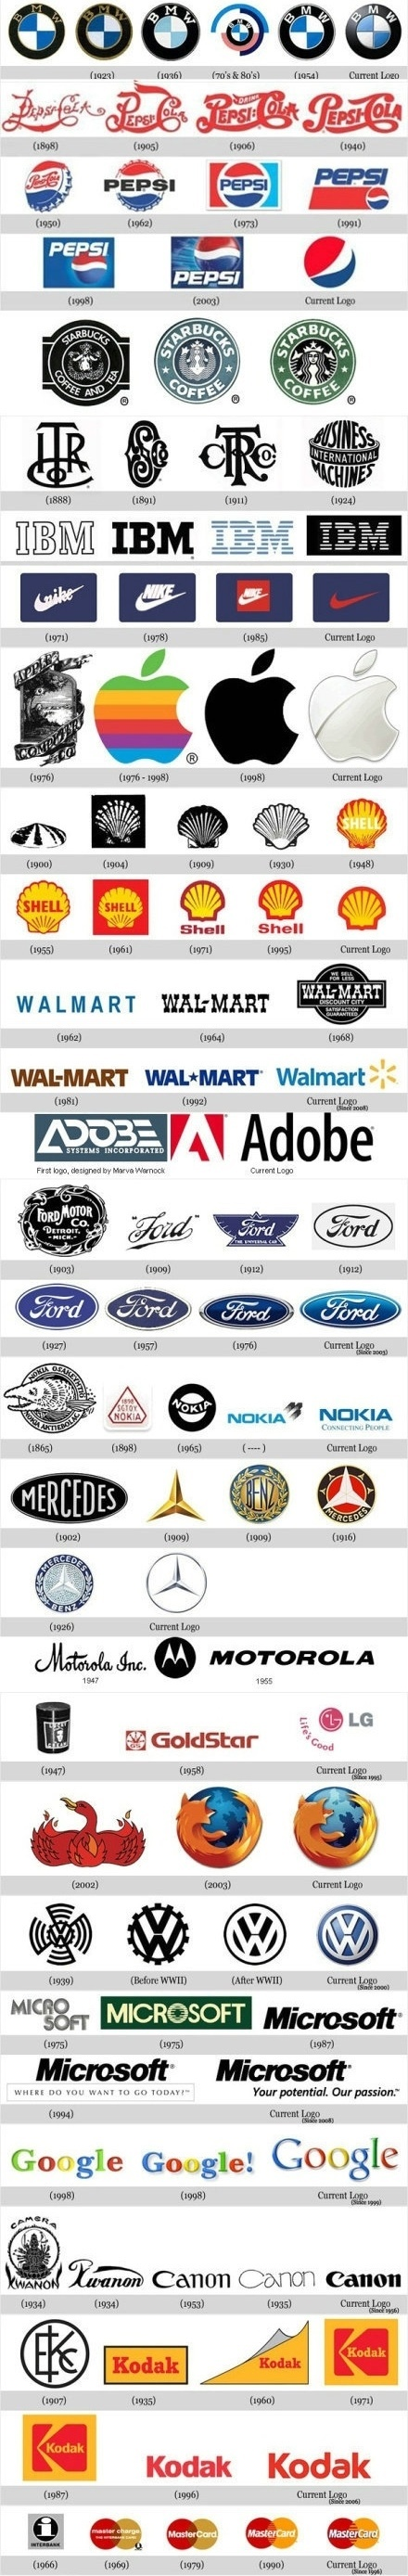 Popular Brand Logos Evolution